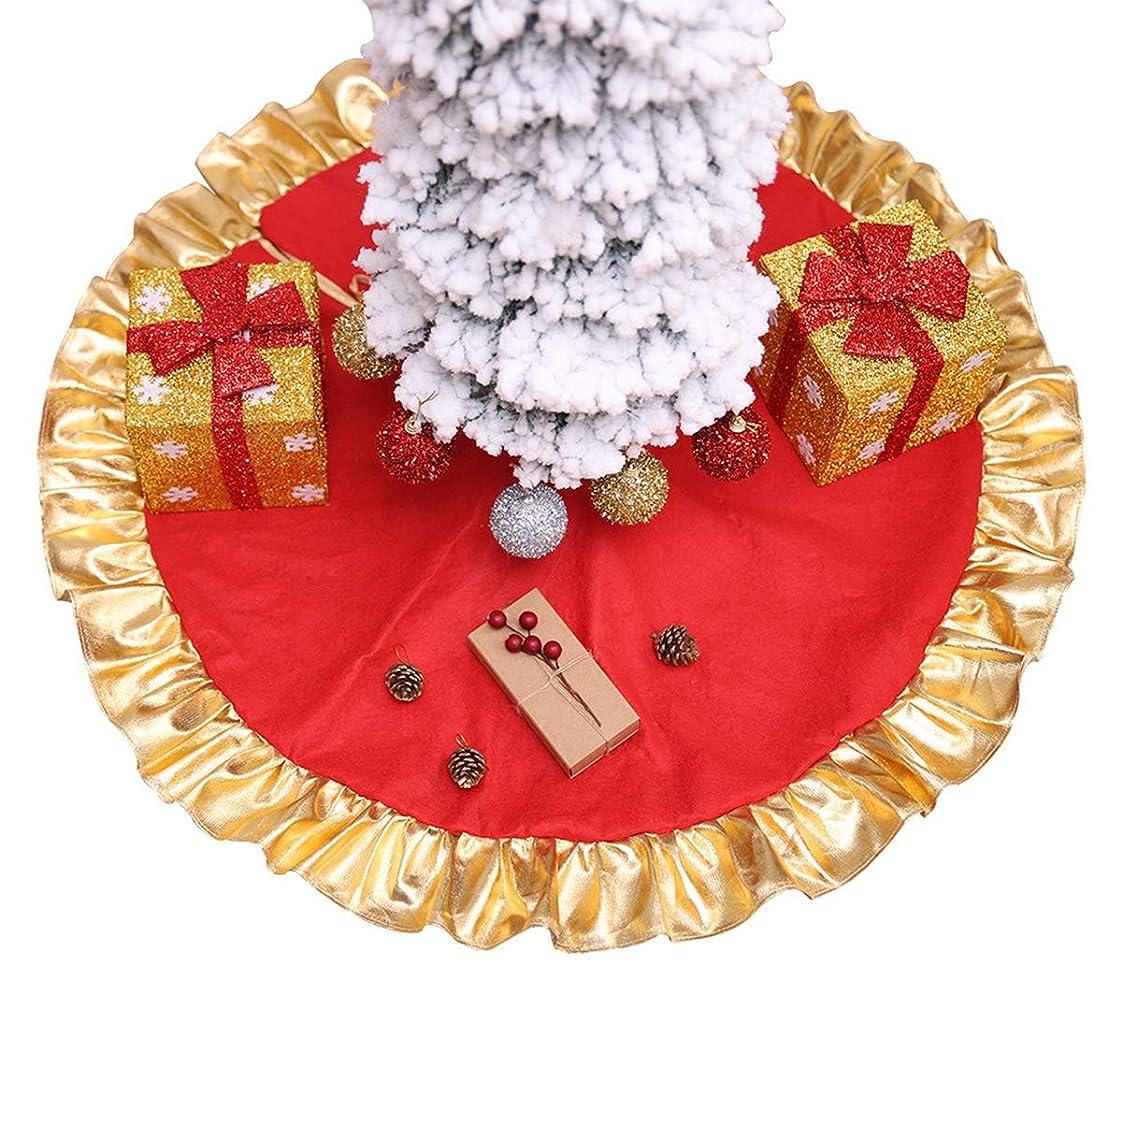 粘り強い虫を数える軍団Urhomy クリスマスツリードレス クリスマス飾り 円形 可愛いツリースカート豪華 ベースカバー オーナメント インテリア レッドプノンペン クリスマスツリースカート クリスマスツリーラウンドマットカーペット レッドプノンペンクリスマスツリードレス 90cm ツリーの装飾 カーペット敷物 メリークリスマス 新年パーティー クリスマス雰囲気